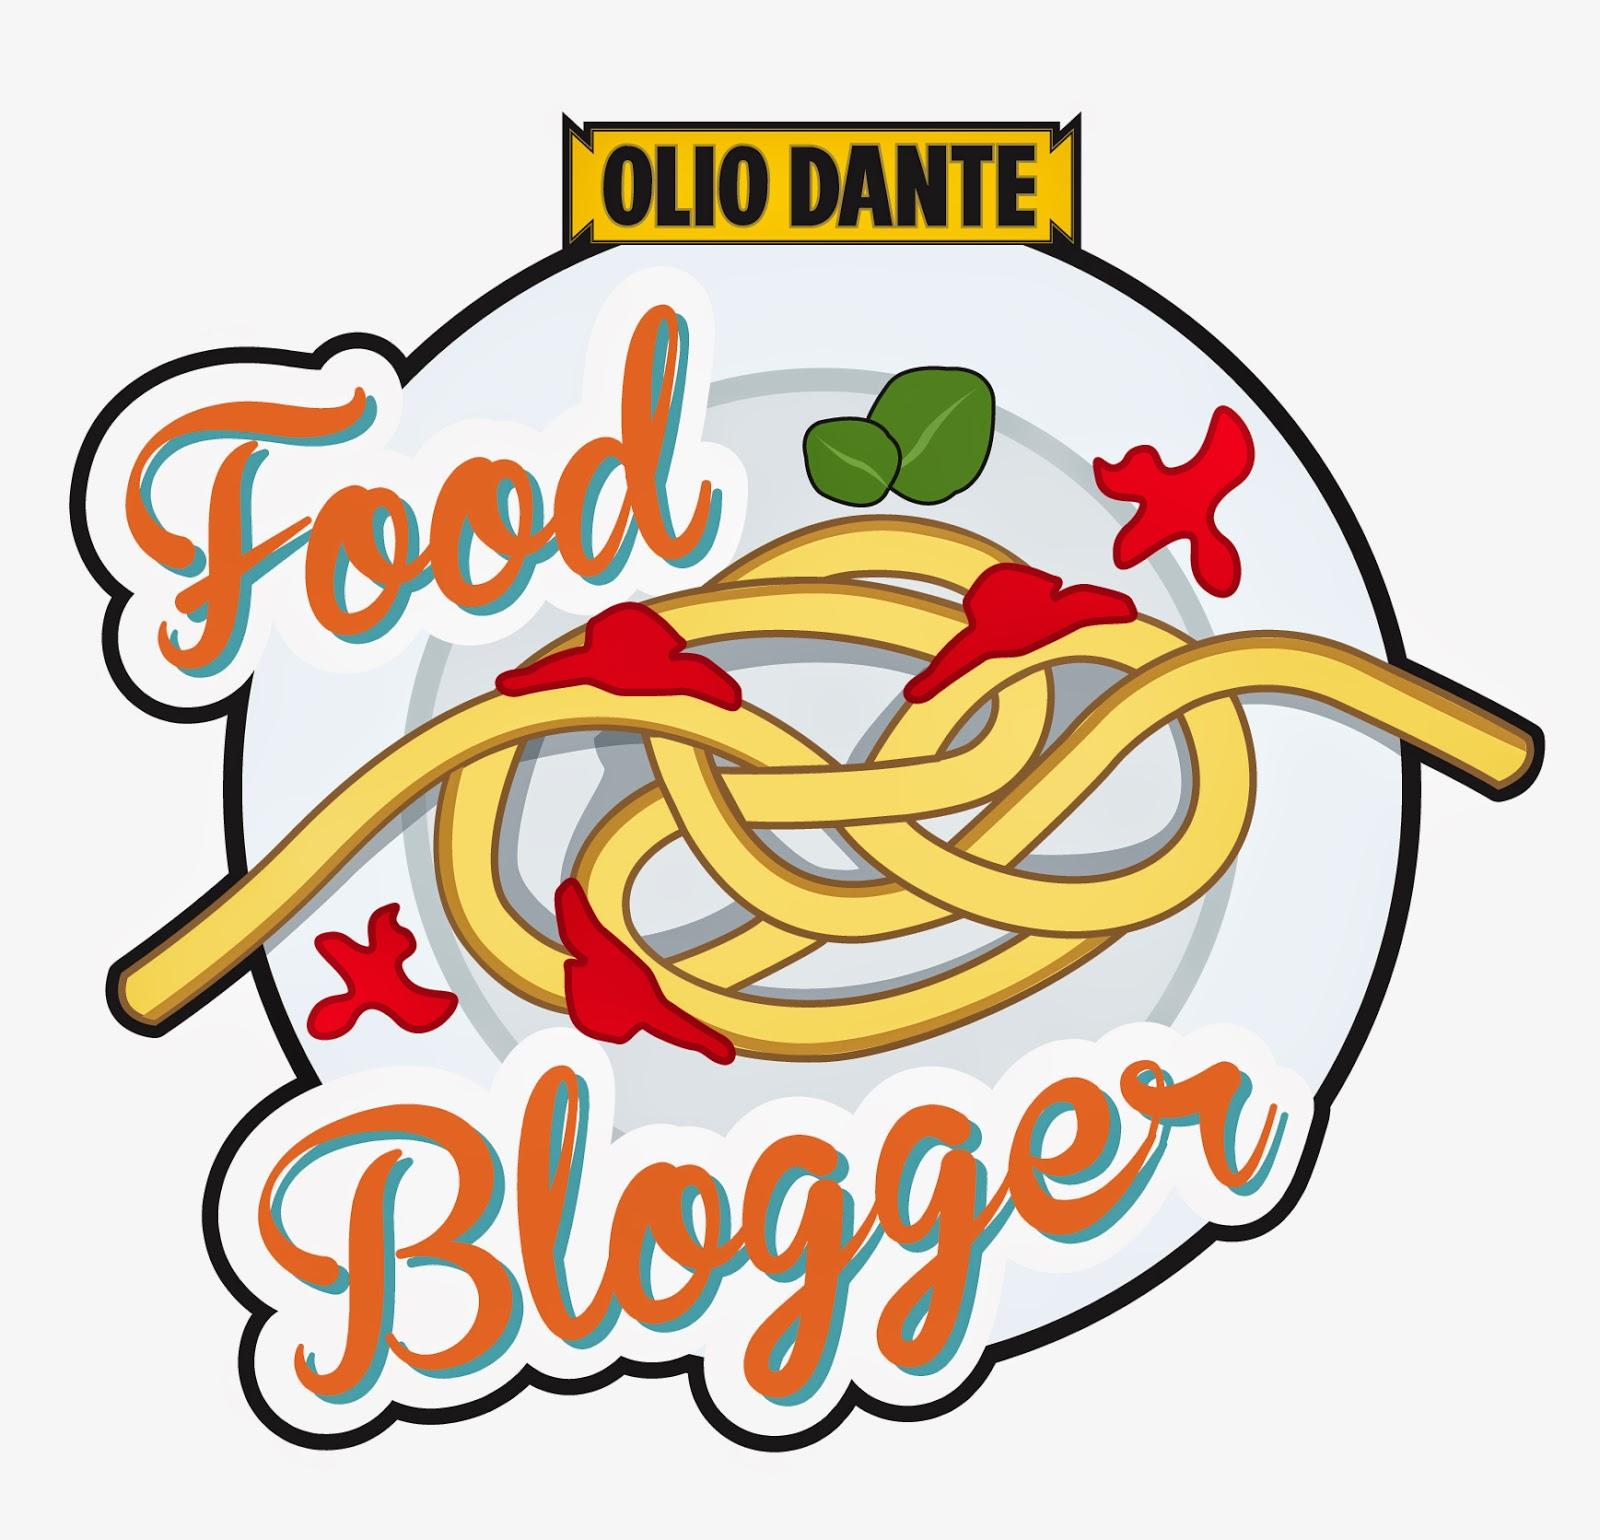 http://www.oleificimataluni.com/oliodante/prodotto.php?id=4